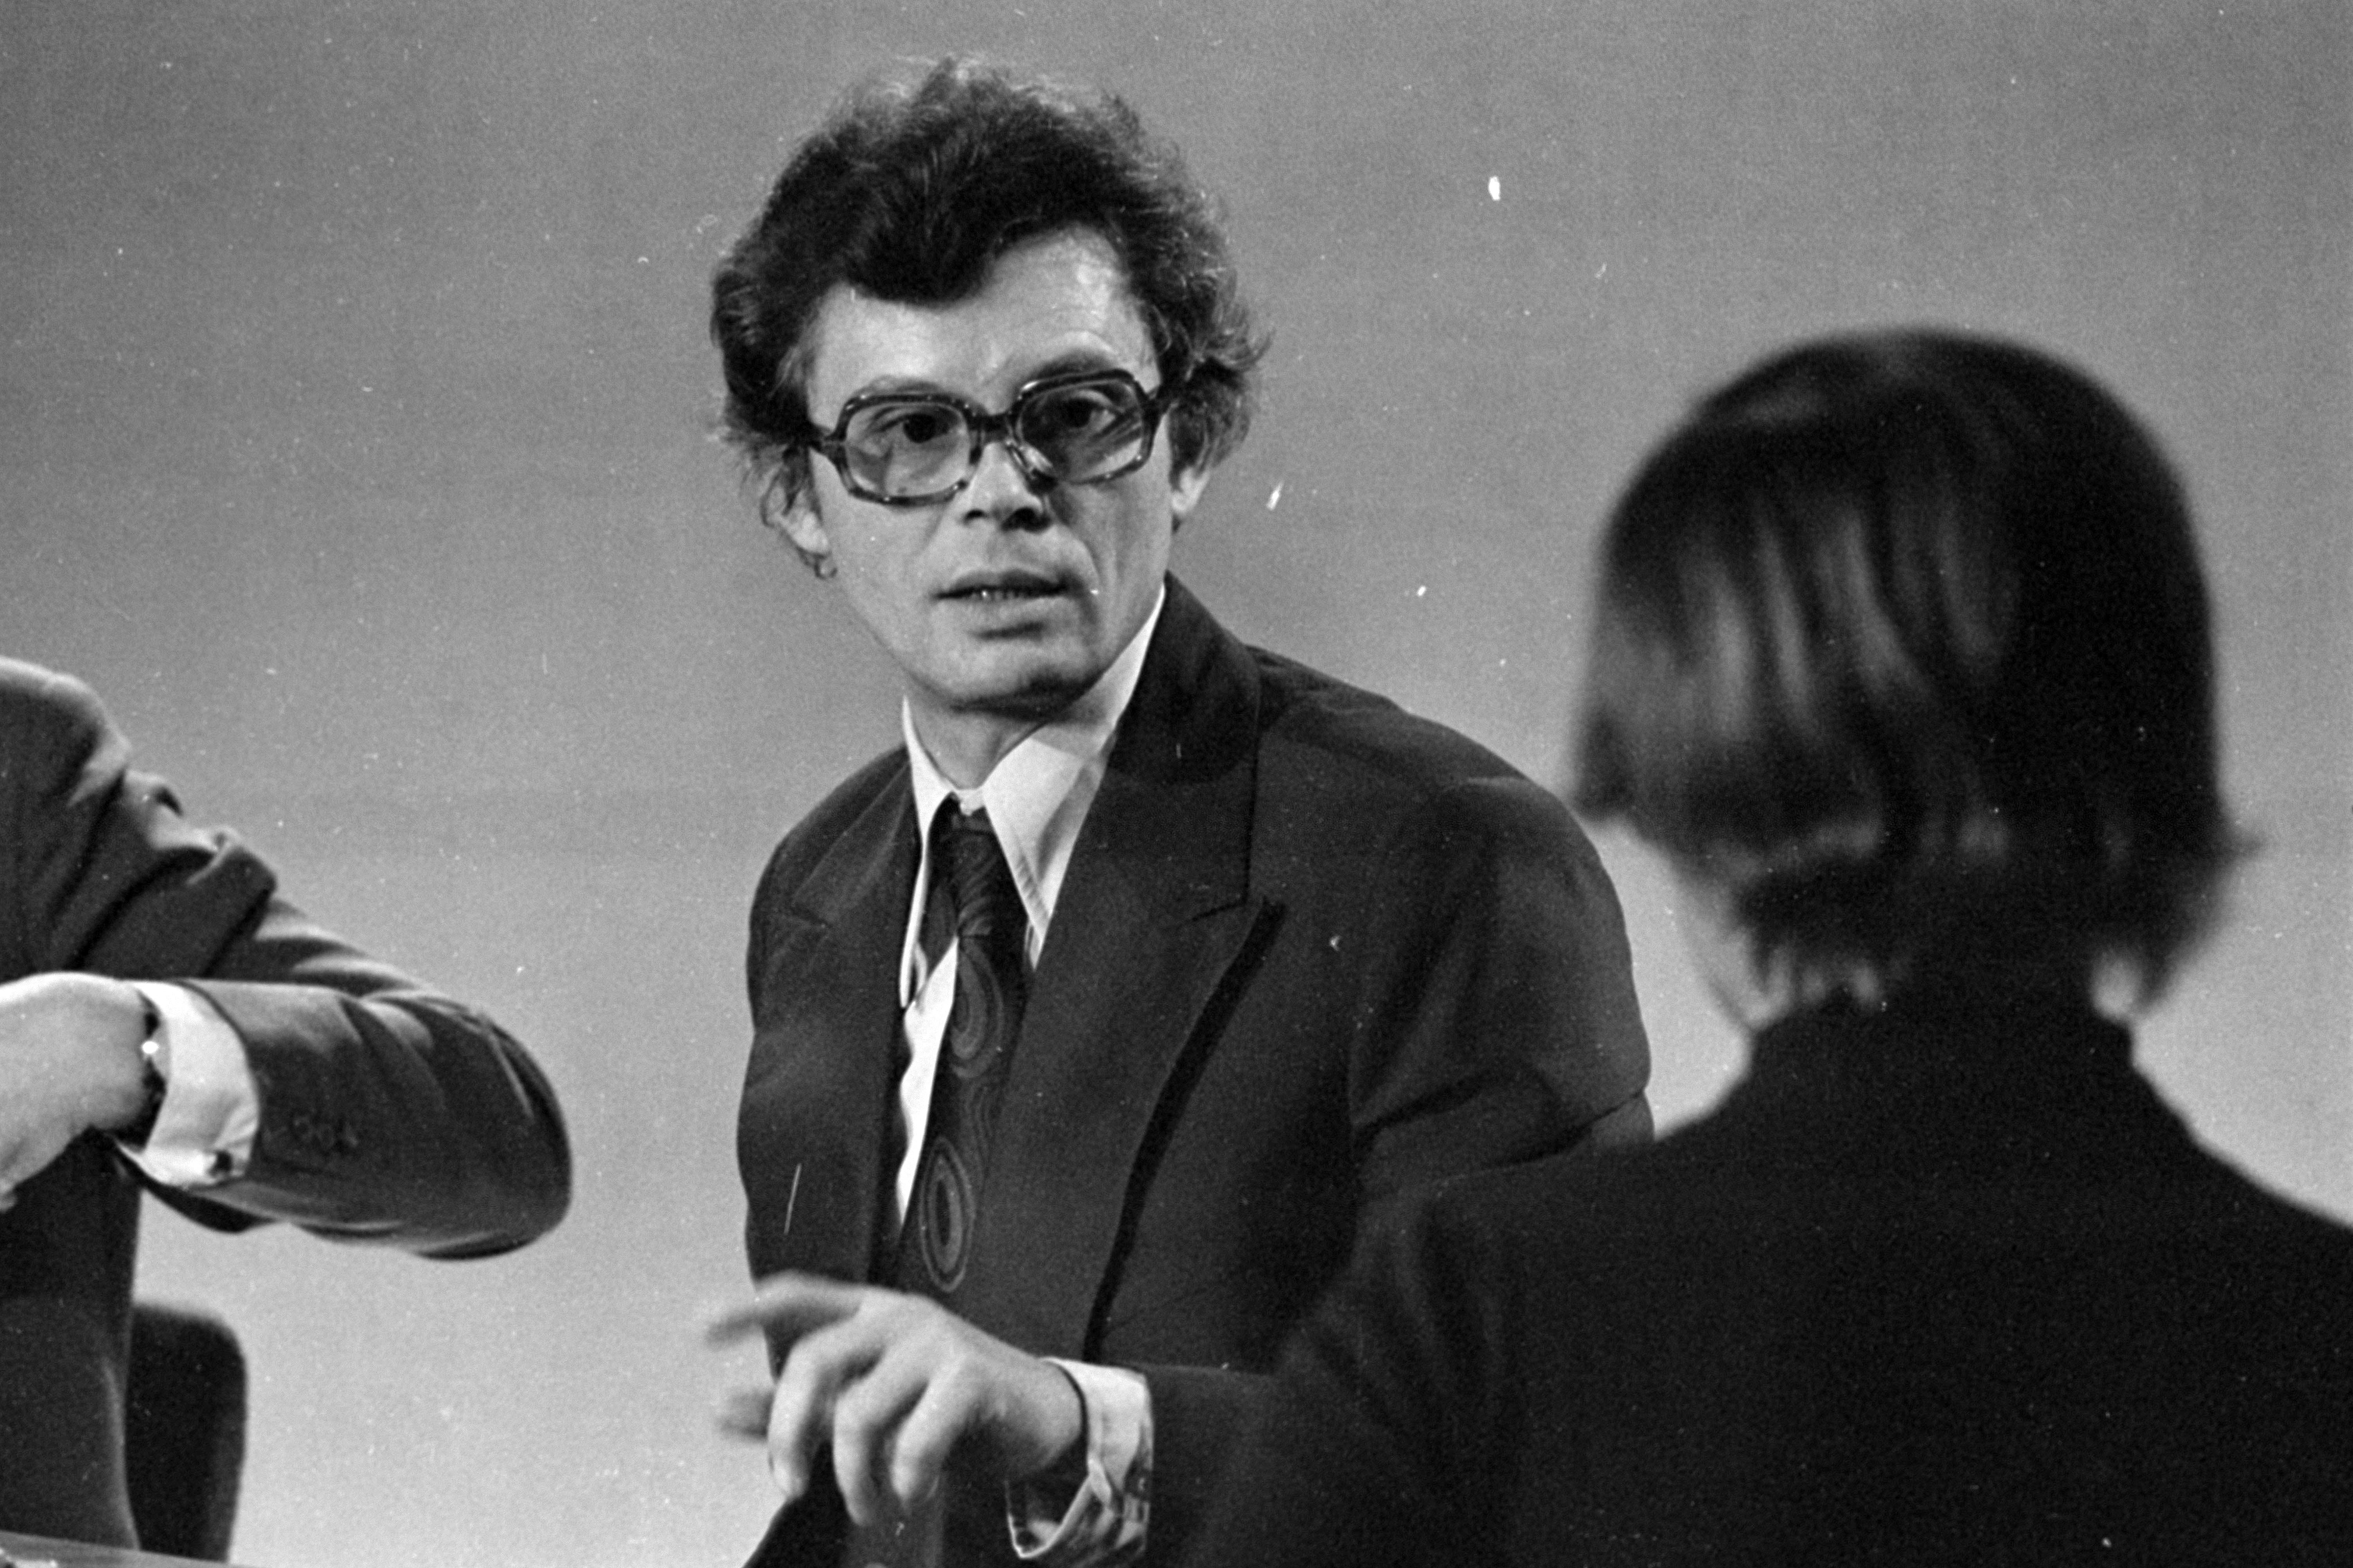 Bán János riporter, 1978. Forrás: Fortepan / ADOMÁNYOZÓ: SZALAY ZOLTÁN